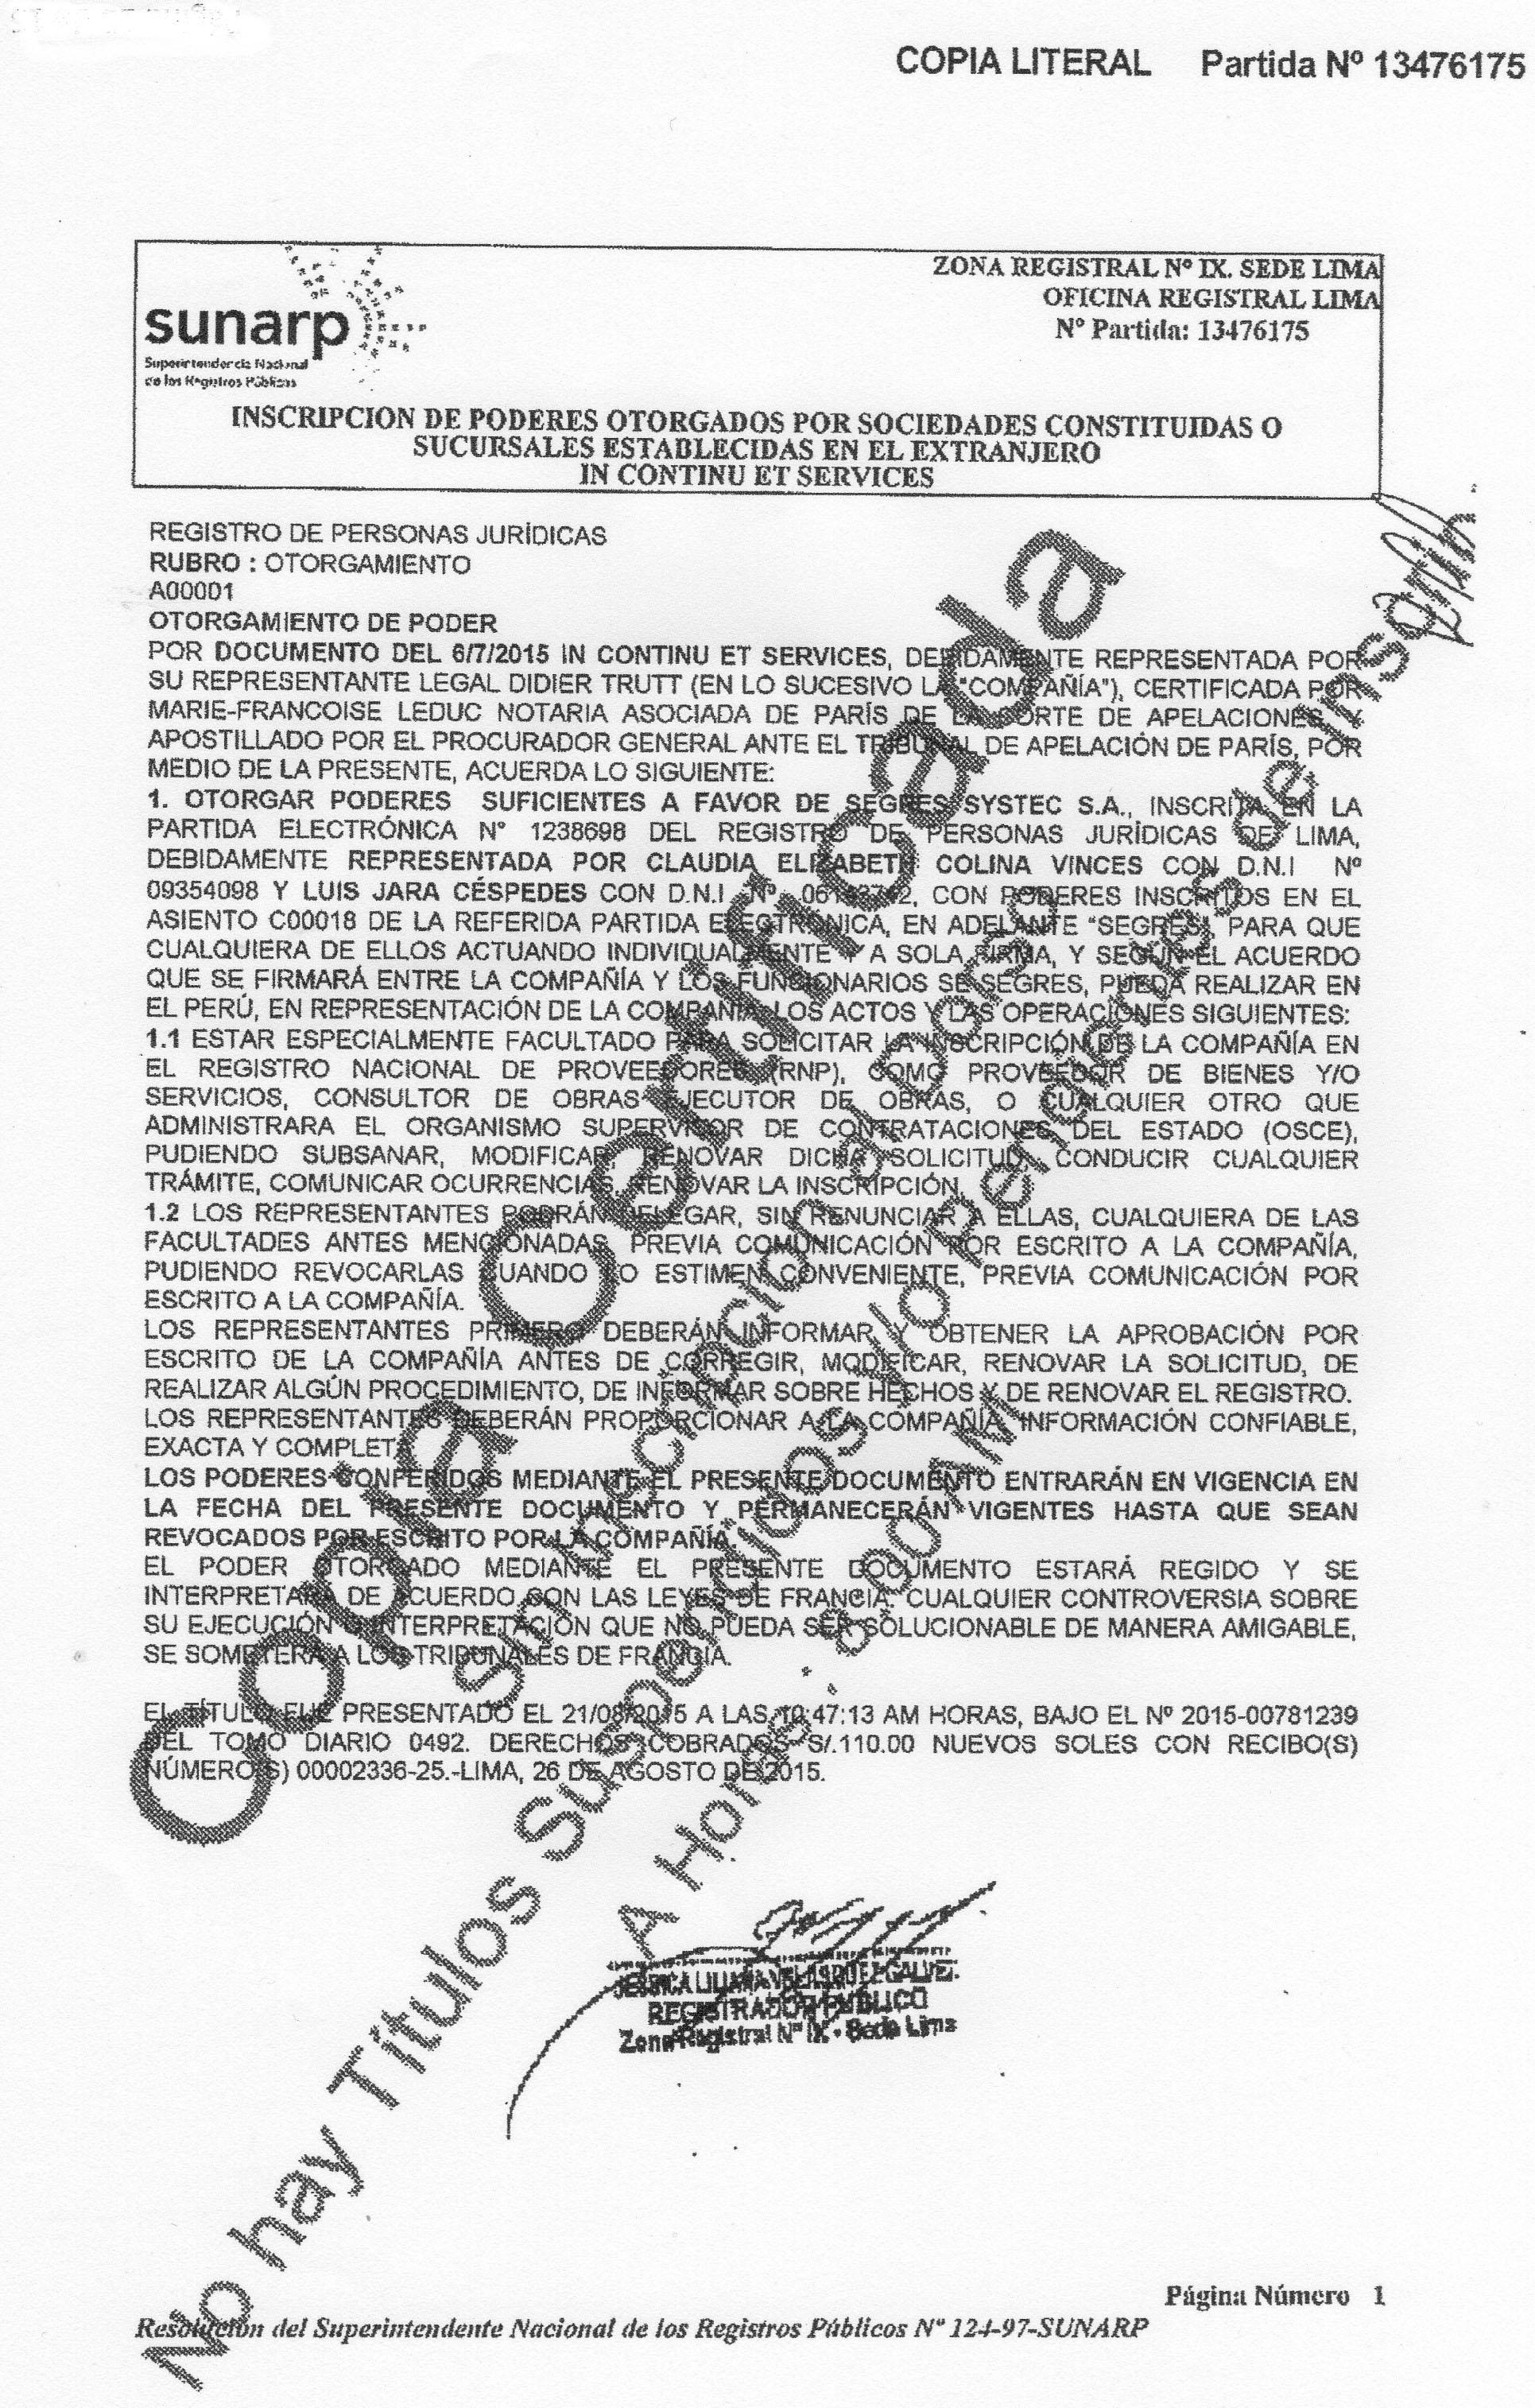 Cuestionados capturan pasaporte electrónico, por Herbert Mujica Rojas